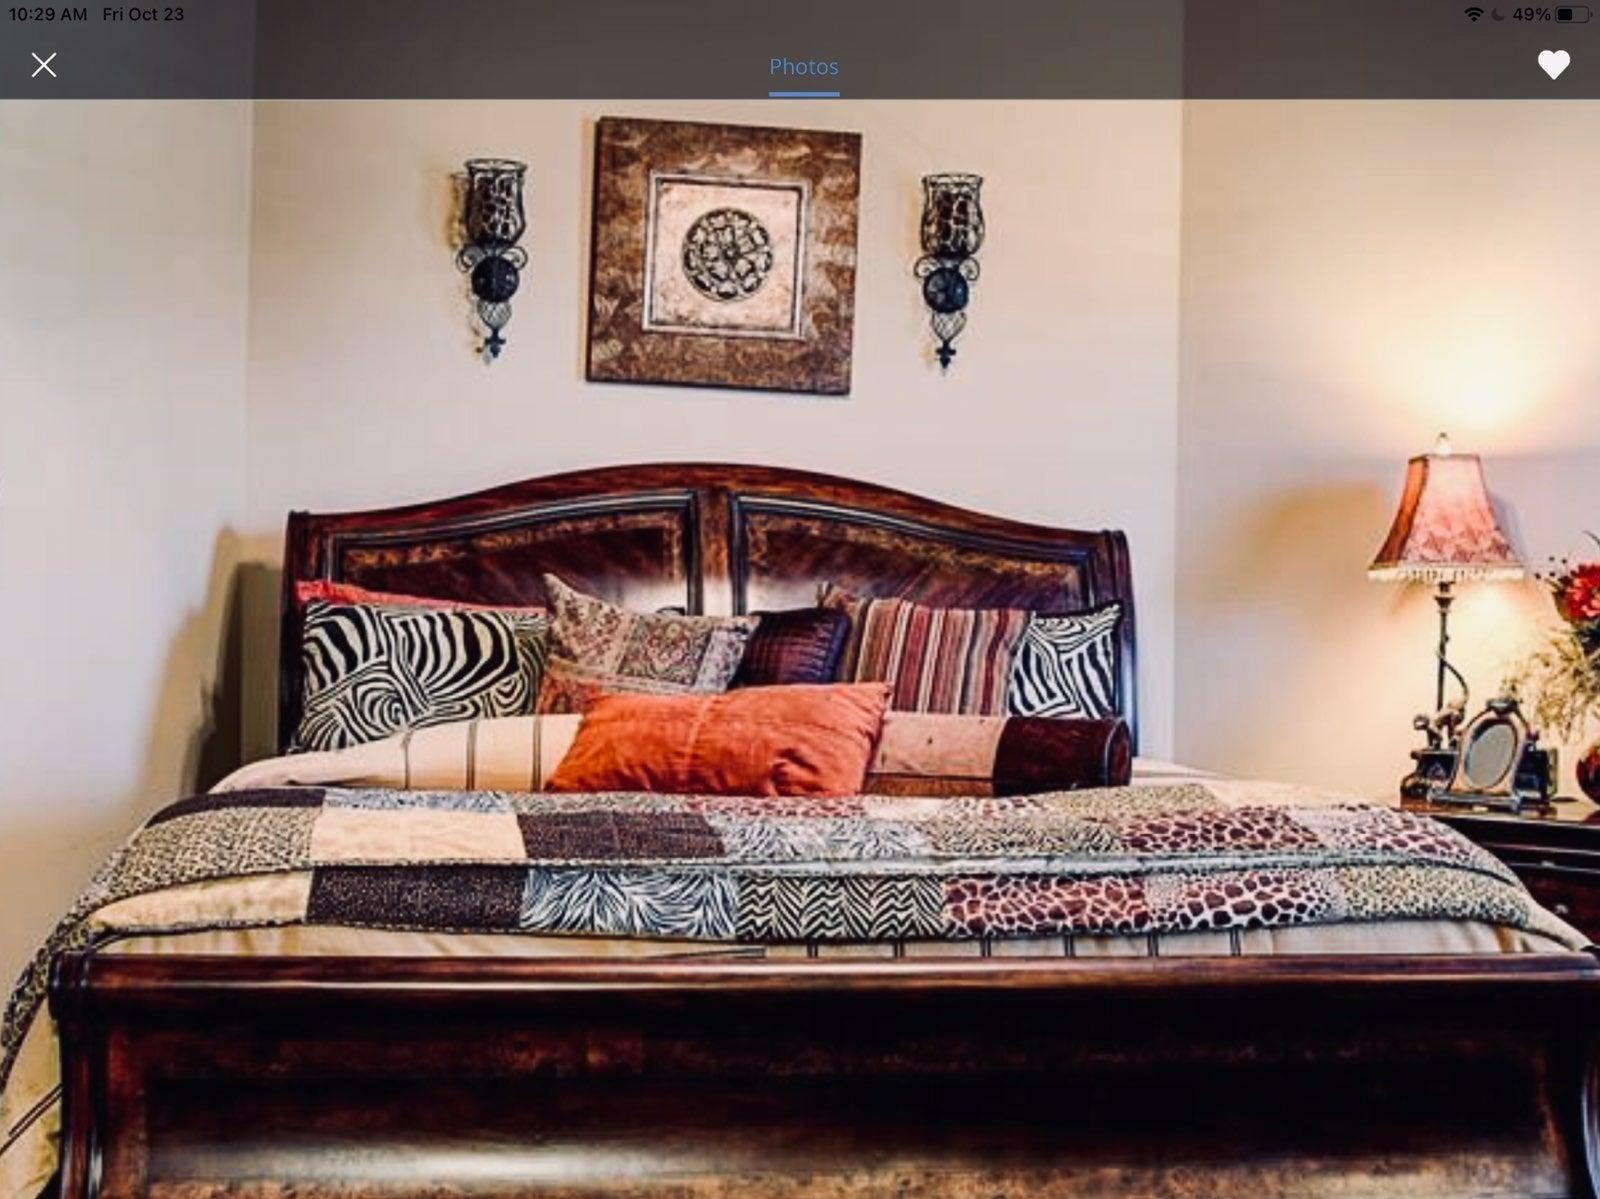 Chaps King size bedding bundle